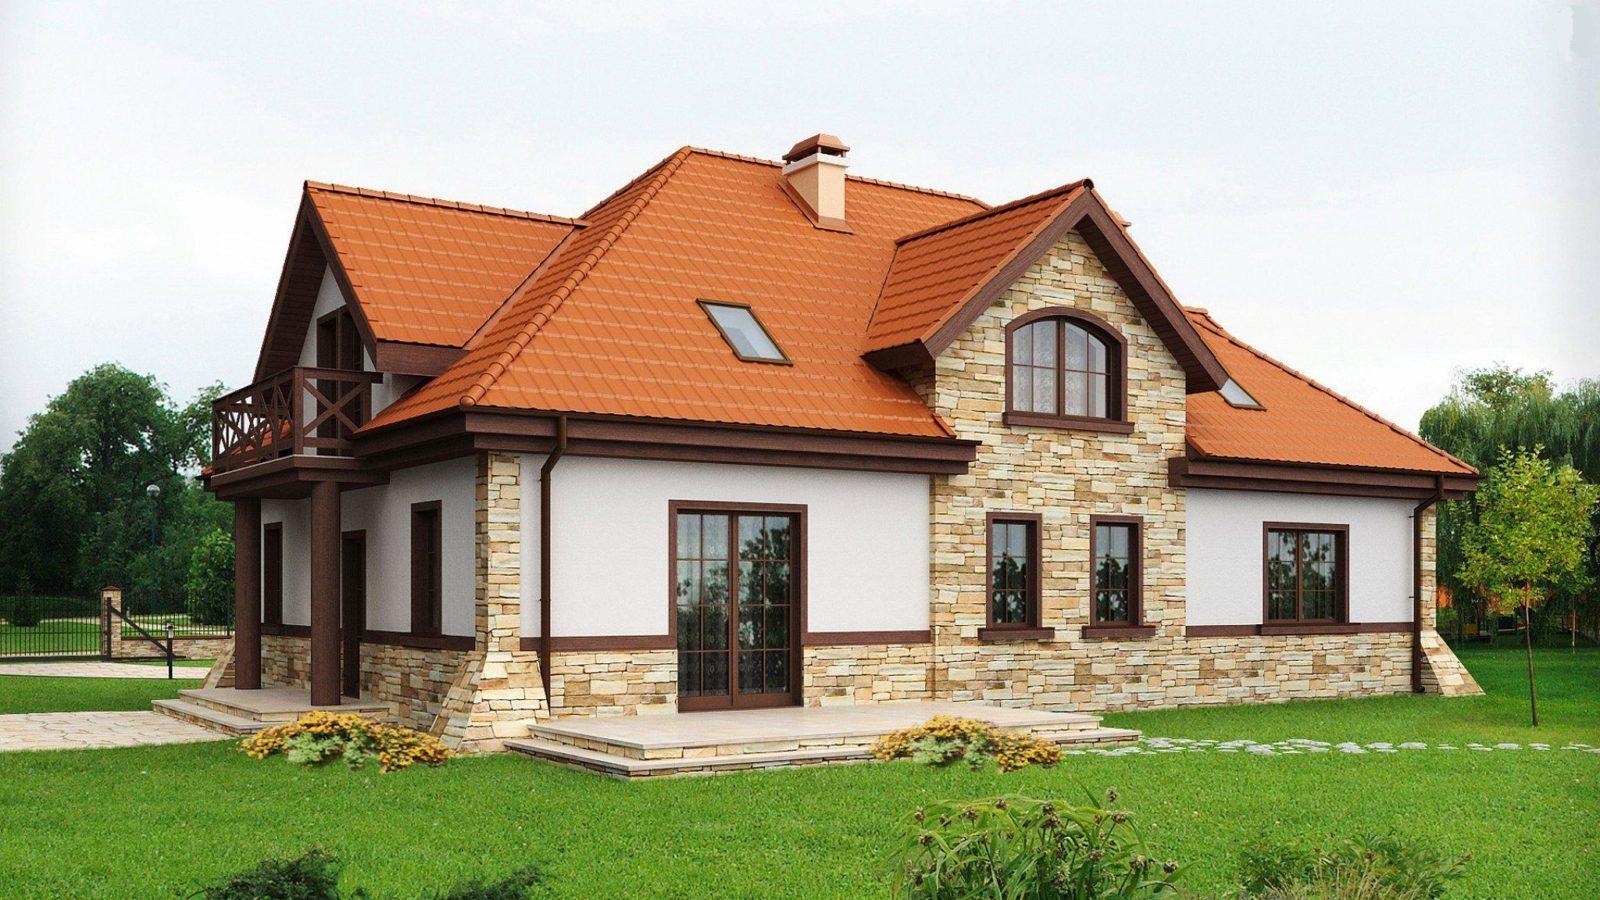 Сколько будет стоить построить дом в 2017